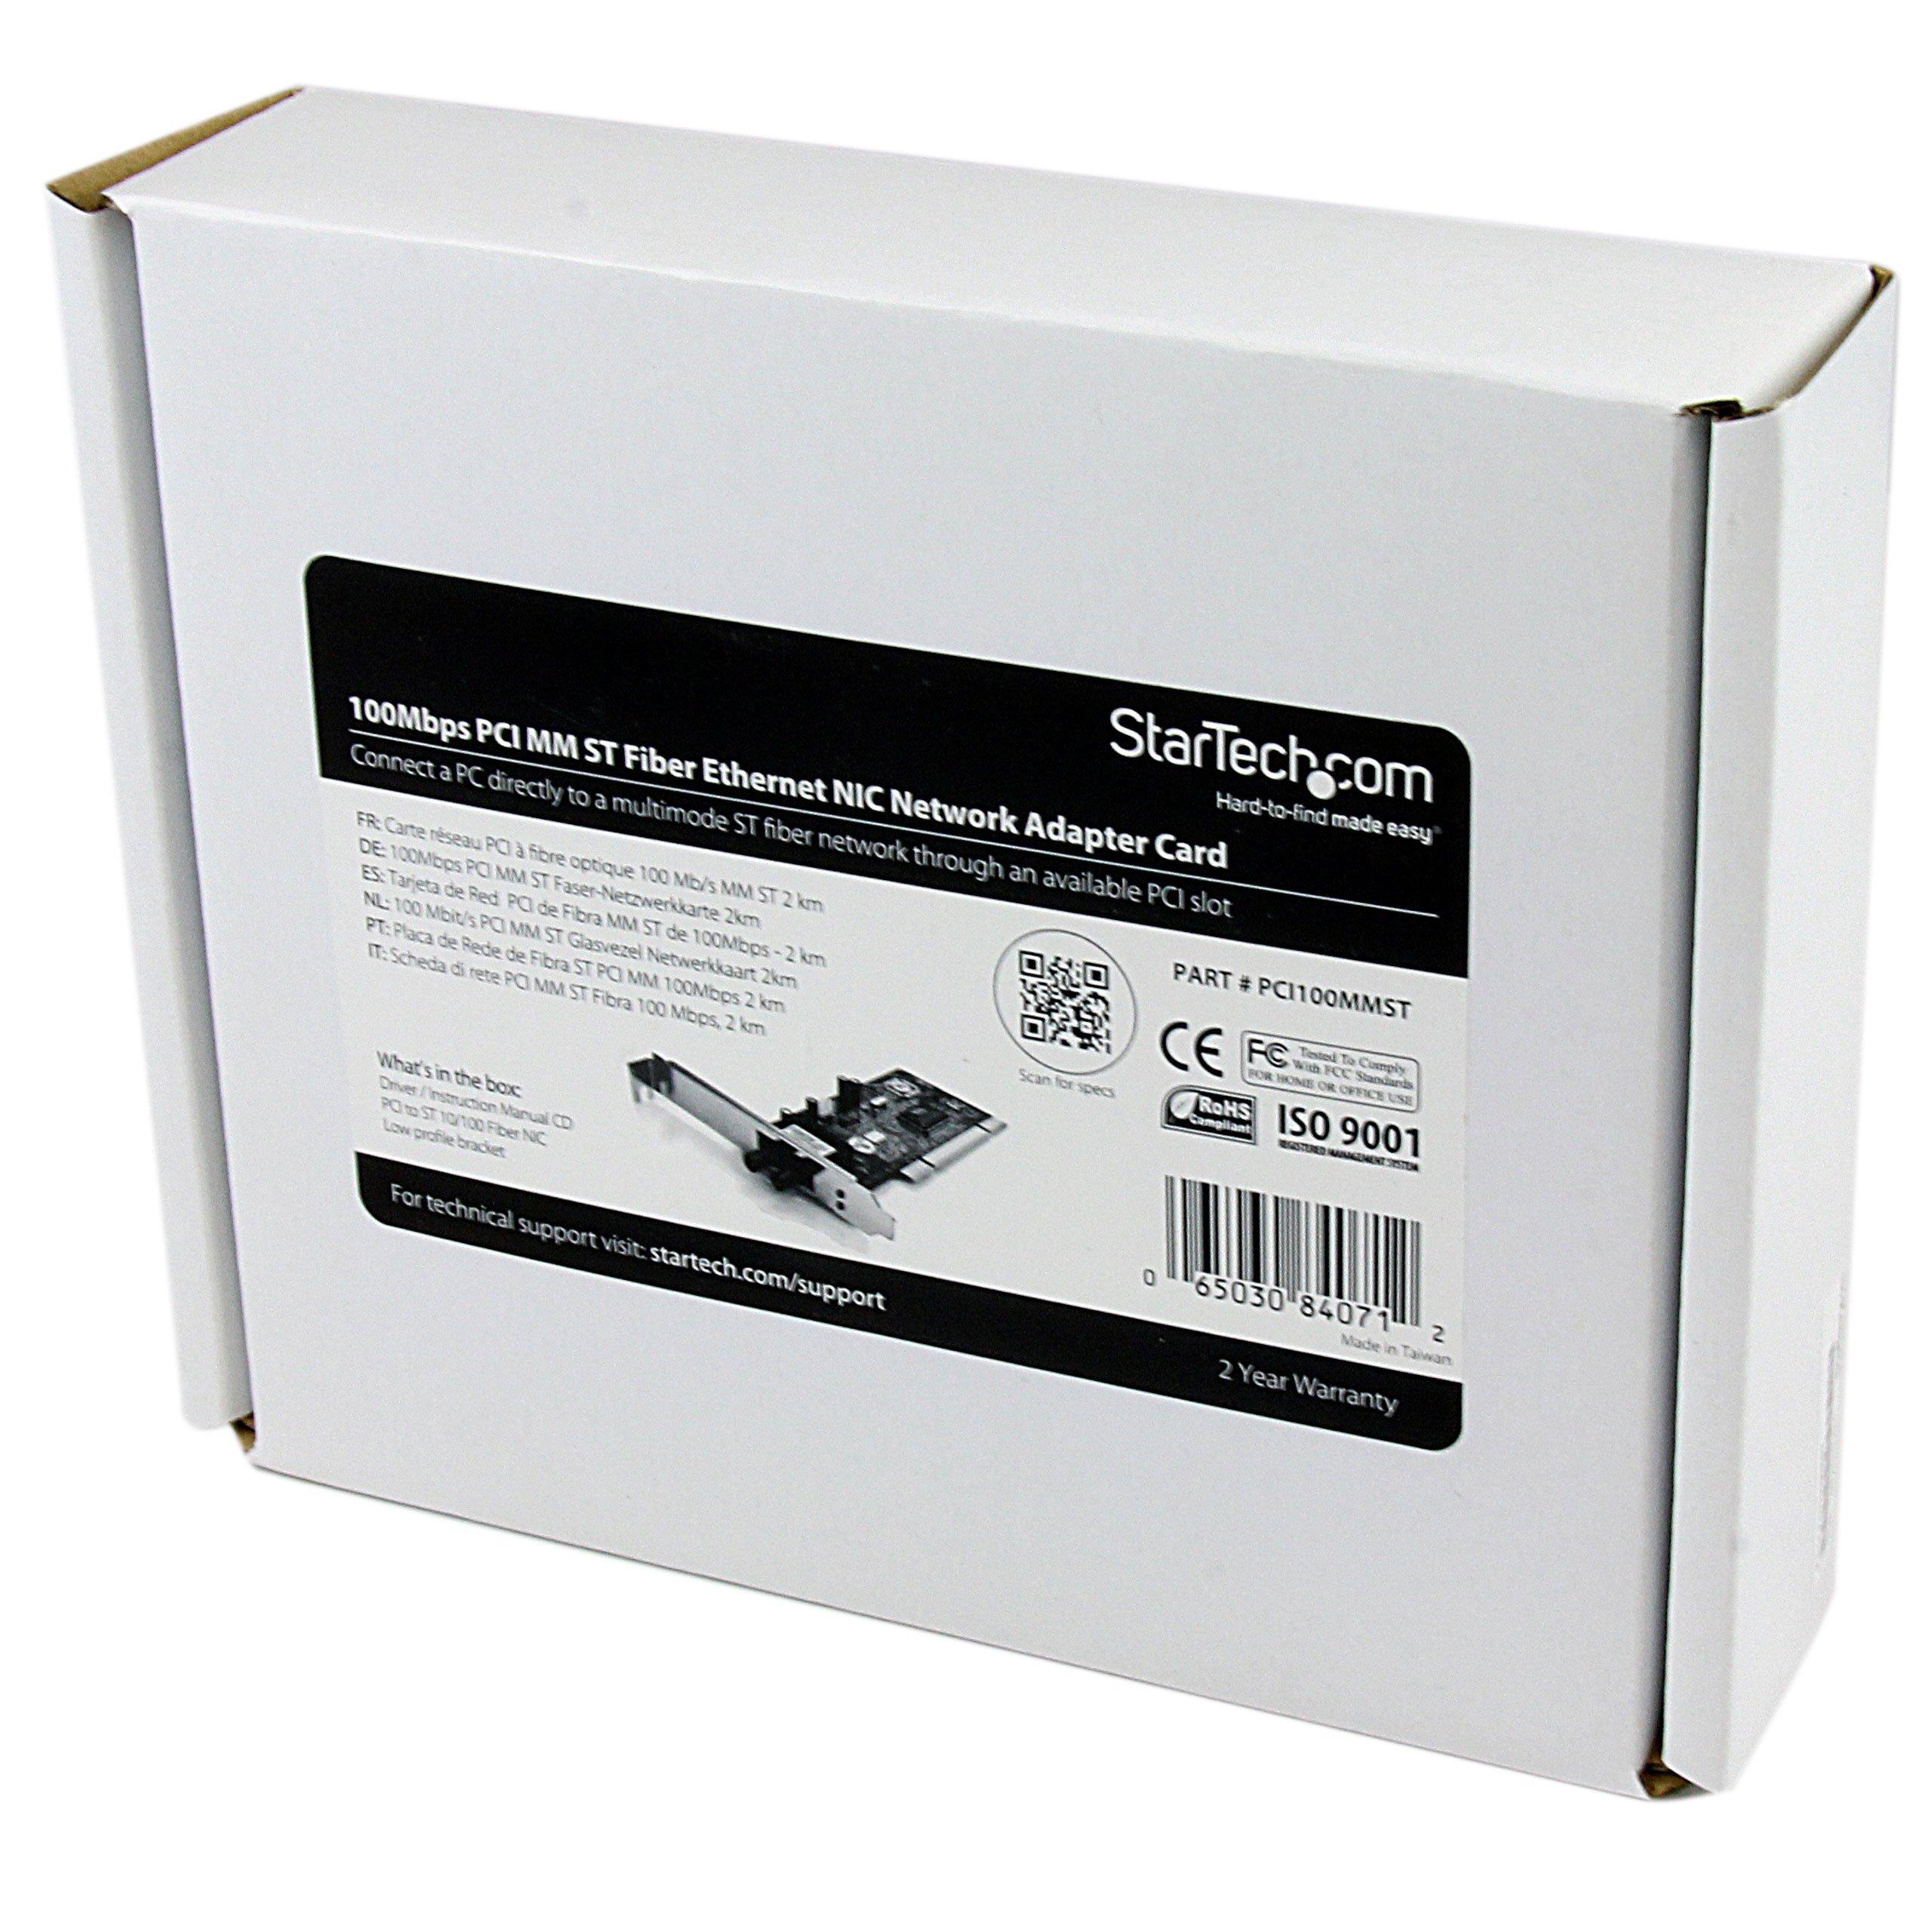 StarTech.com PCI100MMST 100Mbps PCI Multi Mode ST Fiber Ethernet NIC Network Adapter 2km by StarTech (Image #6)